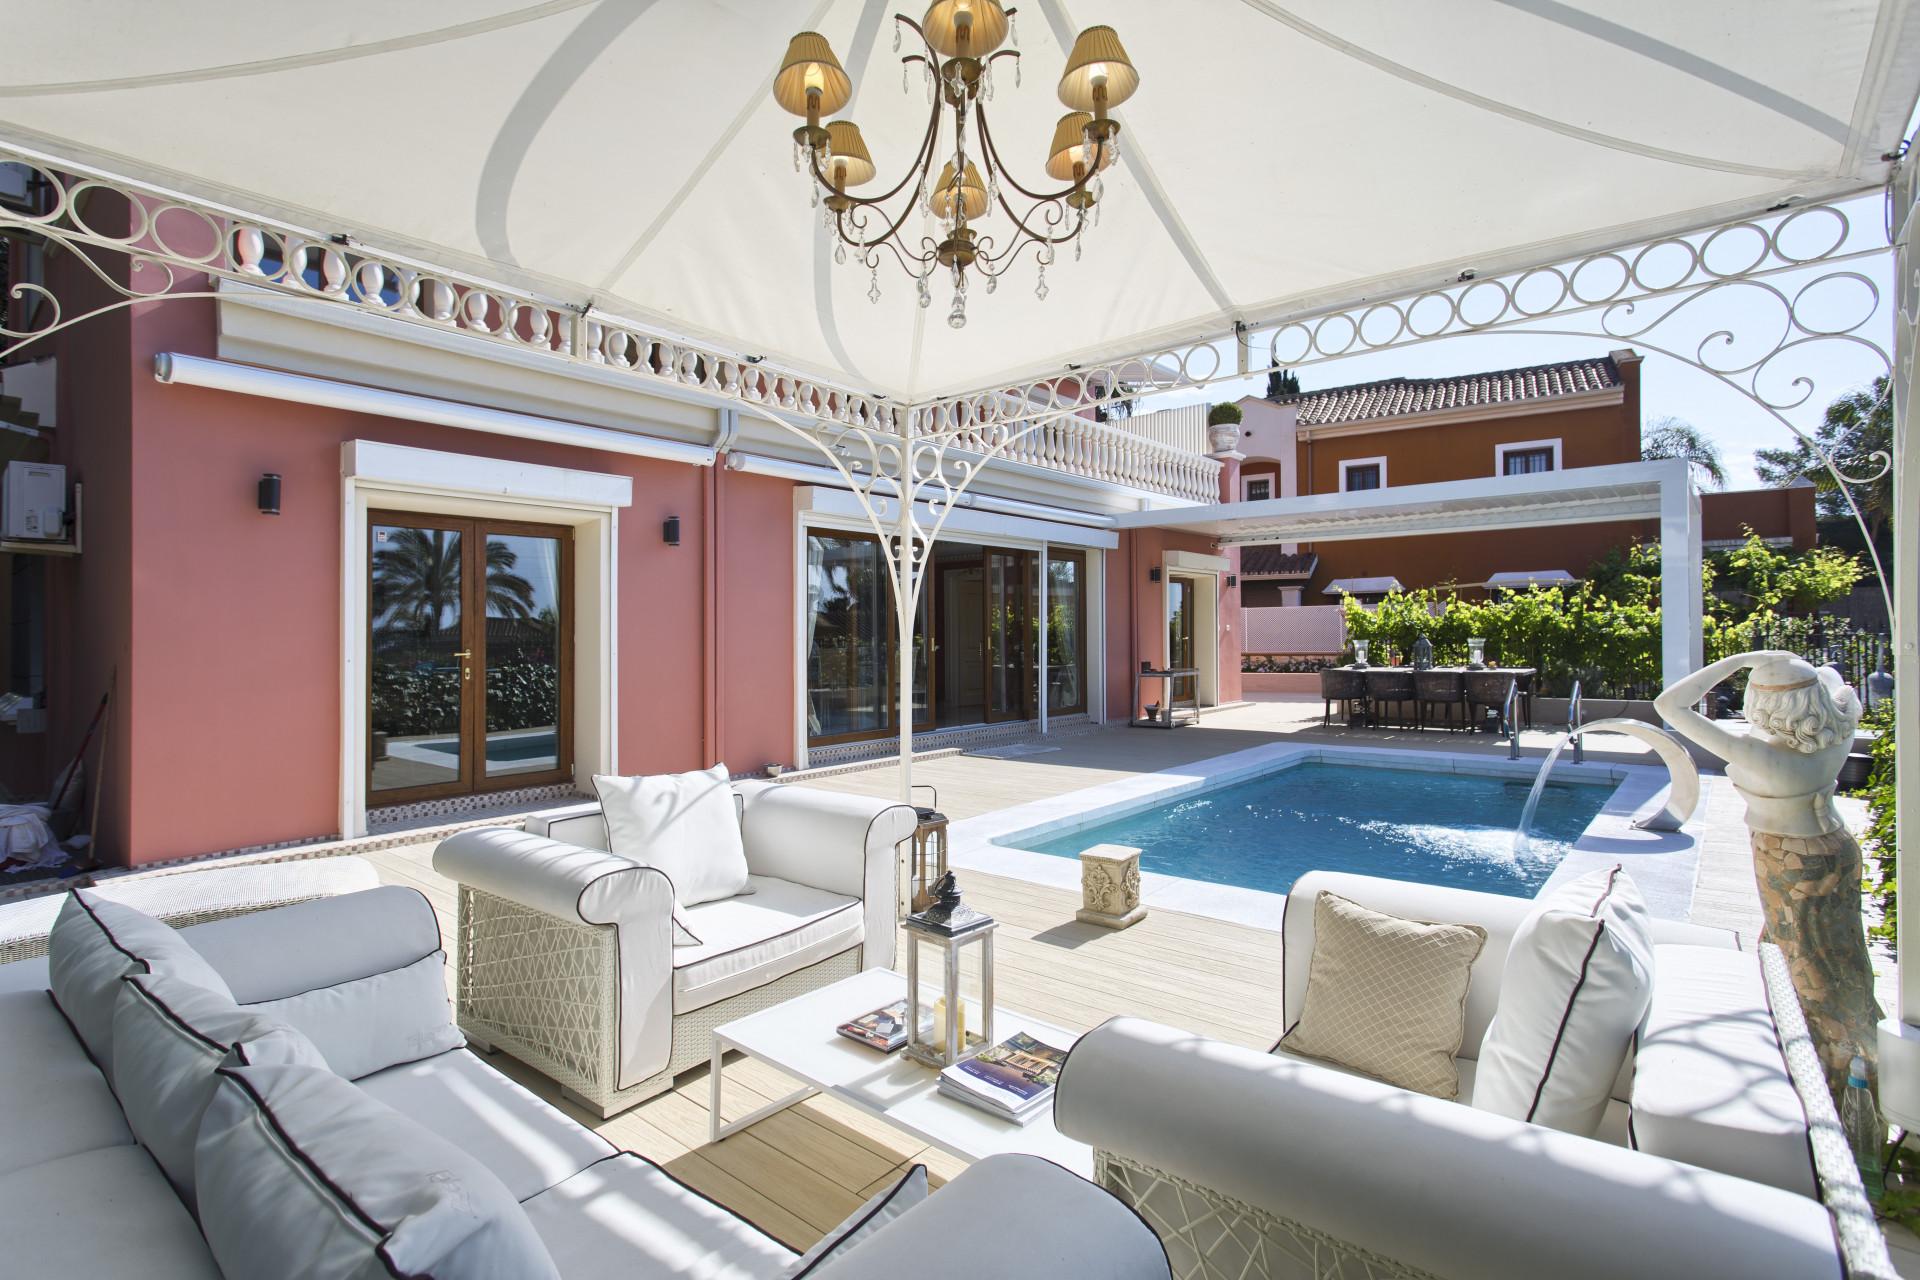 ARFV1981-232 - Villa im klassischen Stil zum Verkauf in Nagueles in Marbella